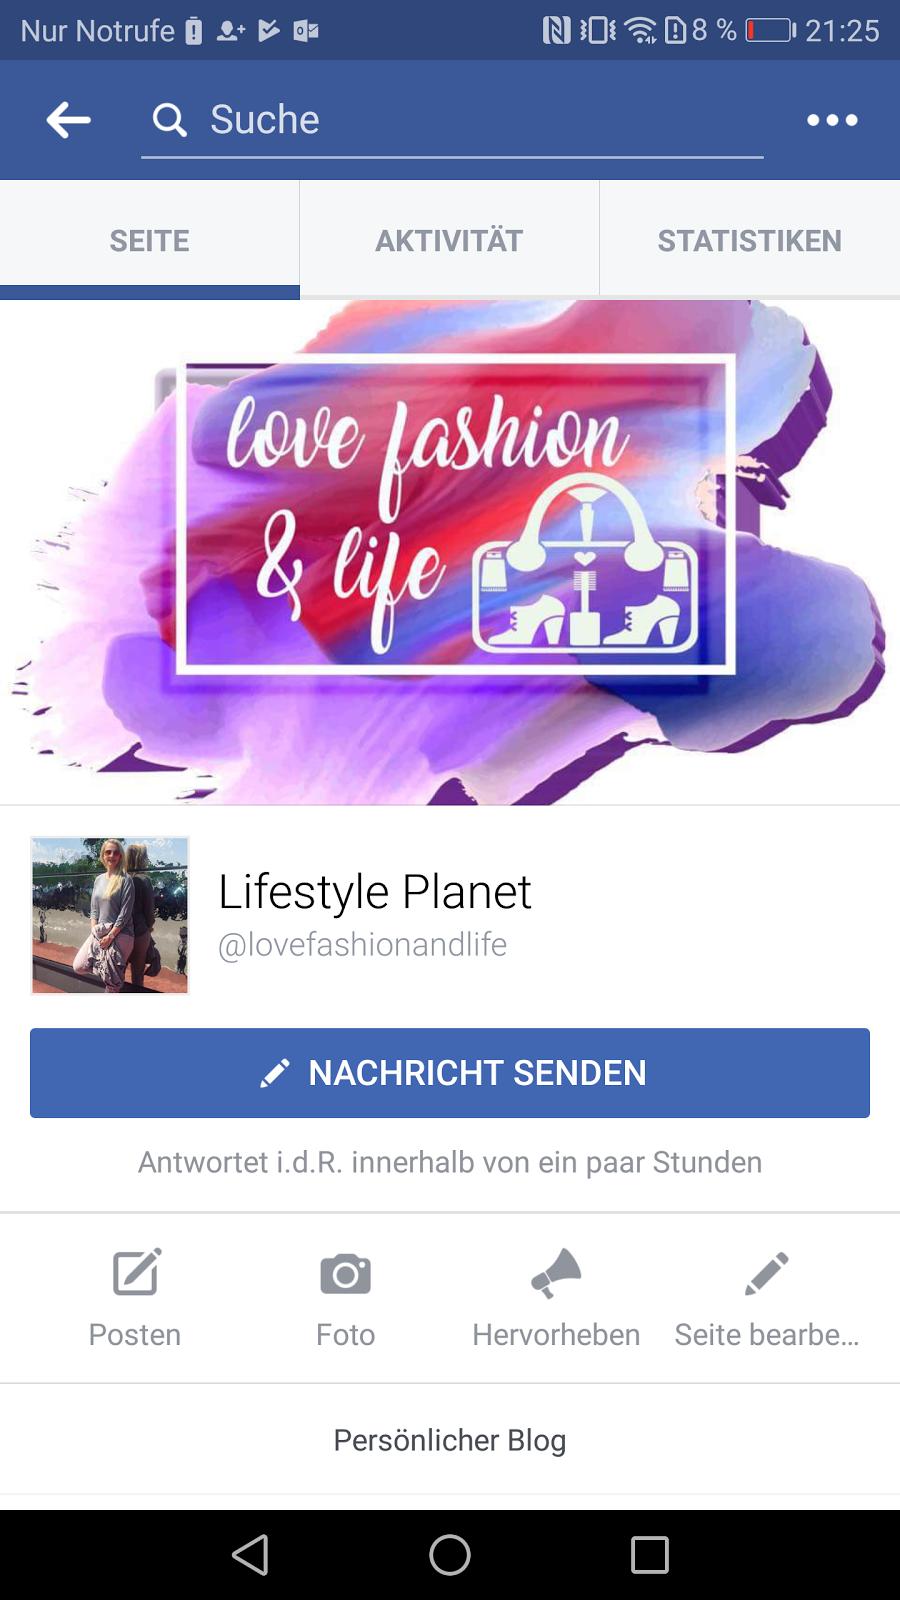 Facebook Seite Mode und Lifestyle